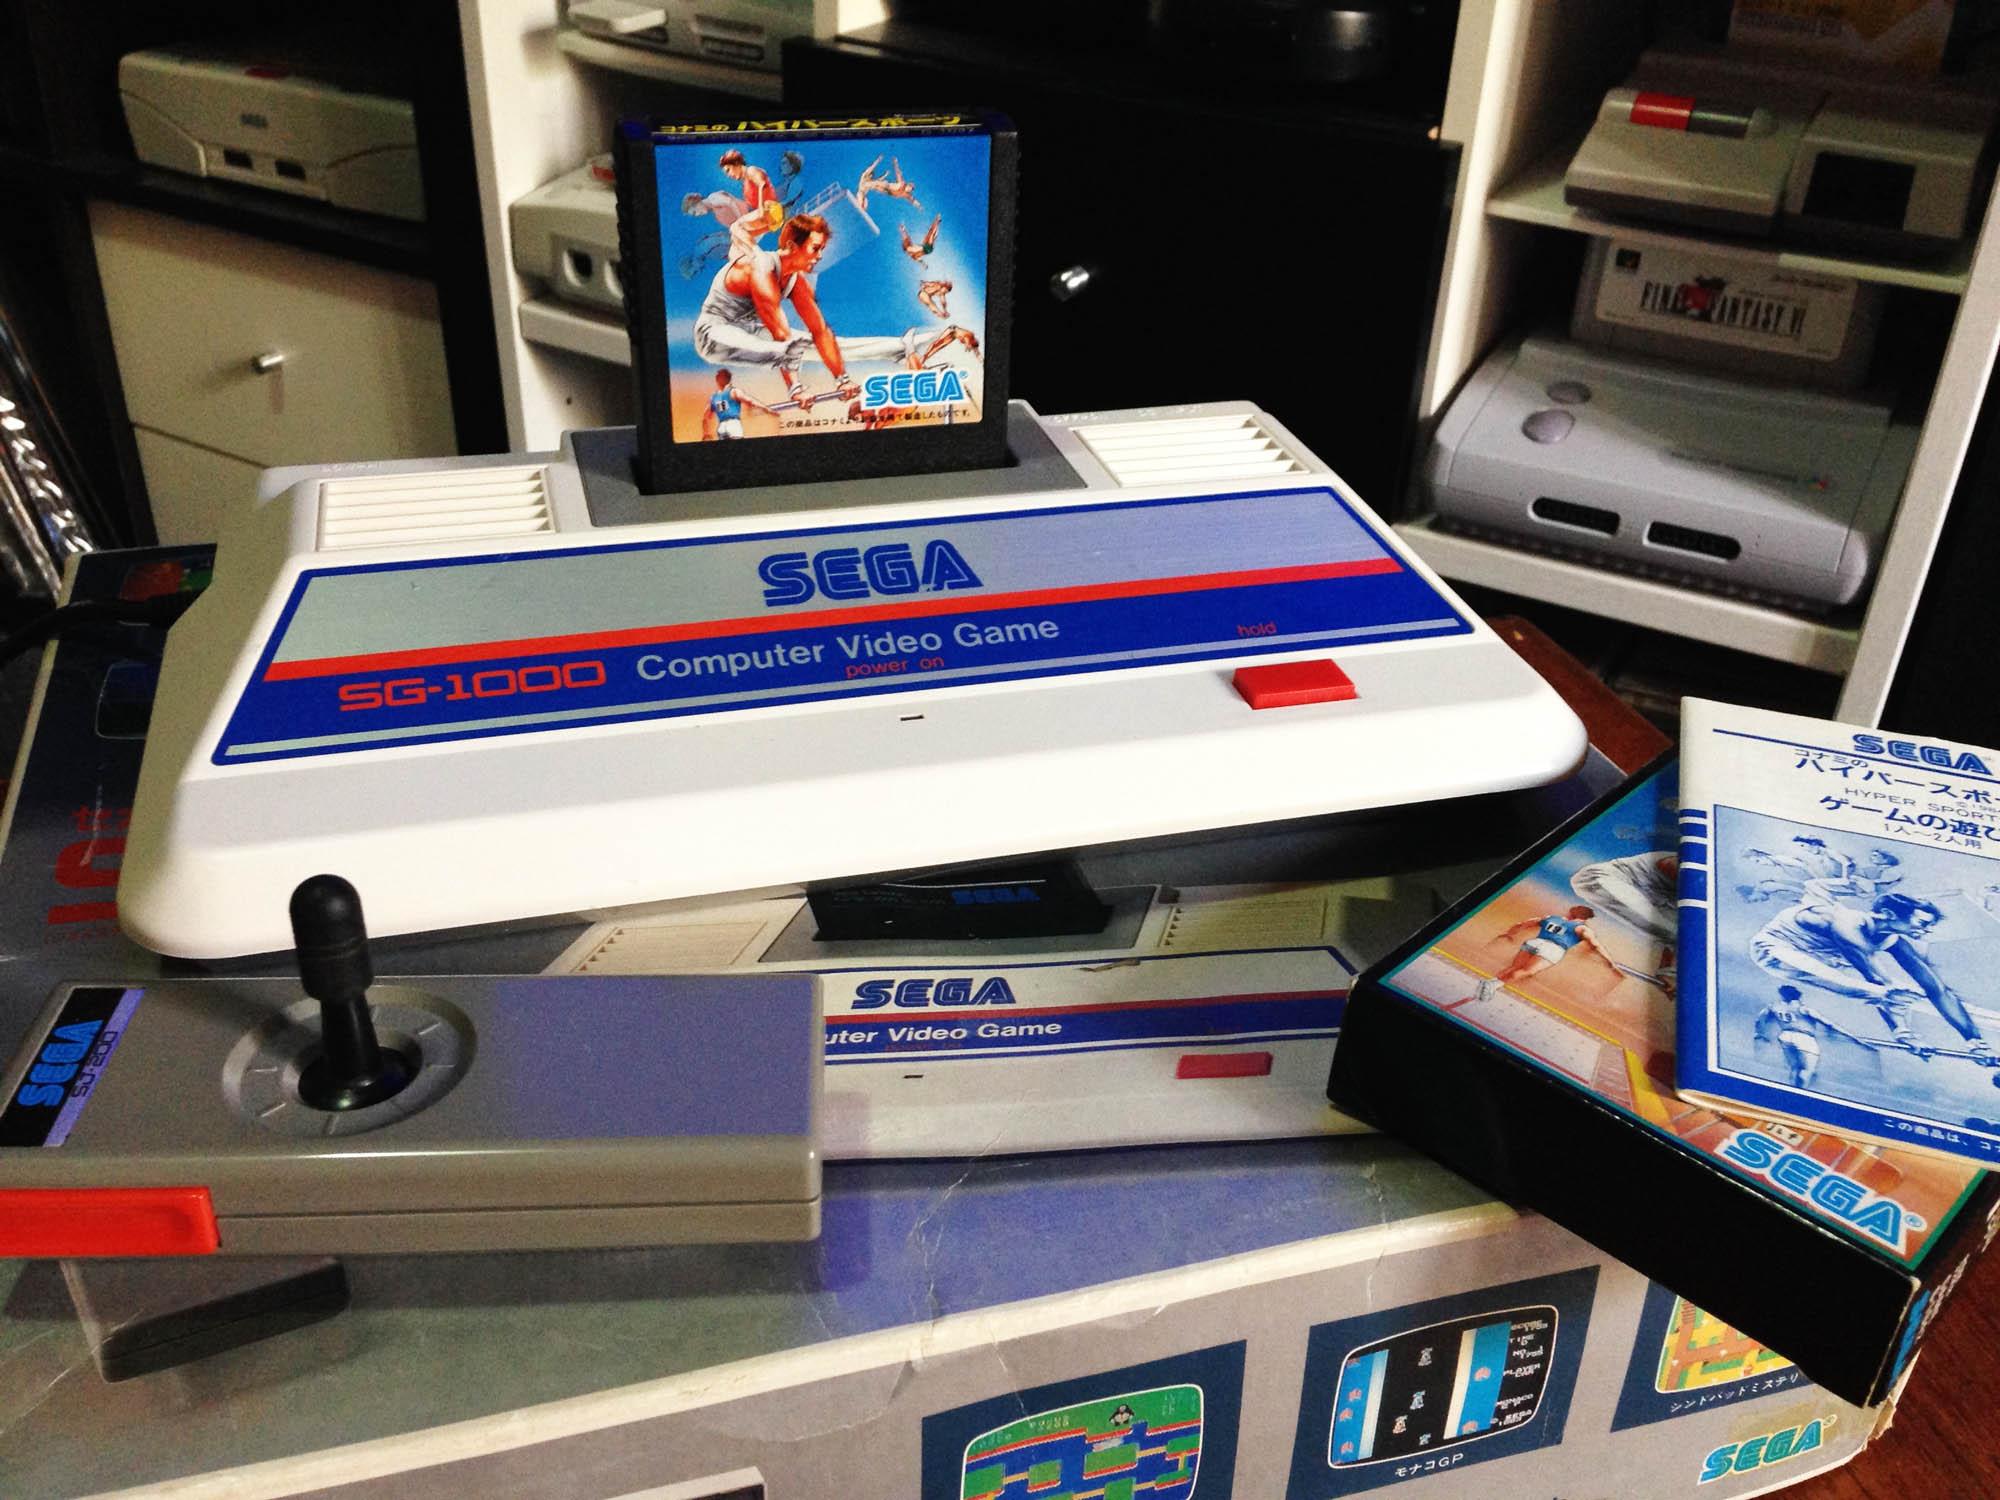 ¿Cuál fue la primer consola de Sega?